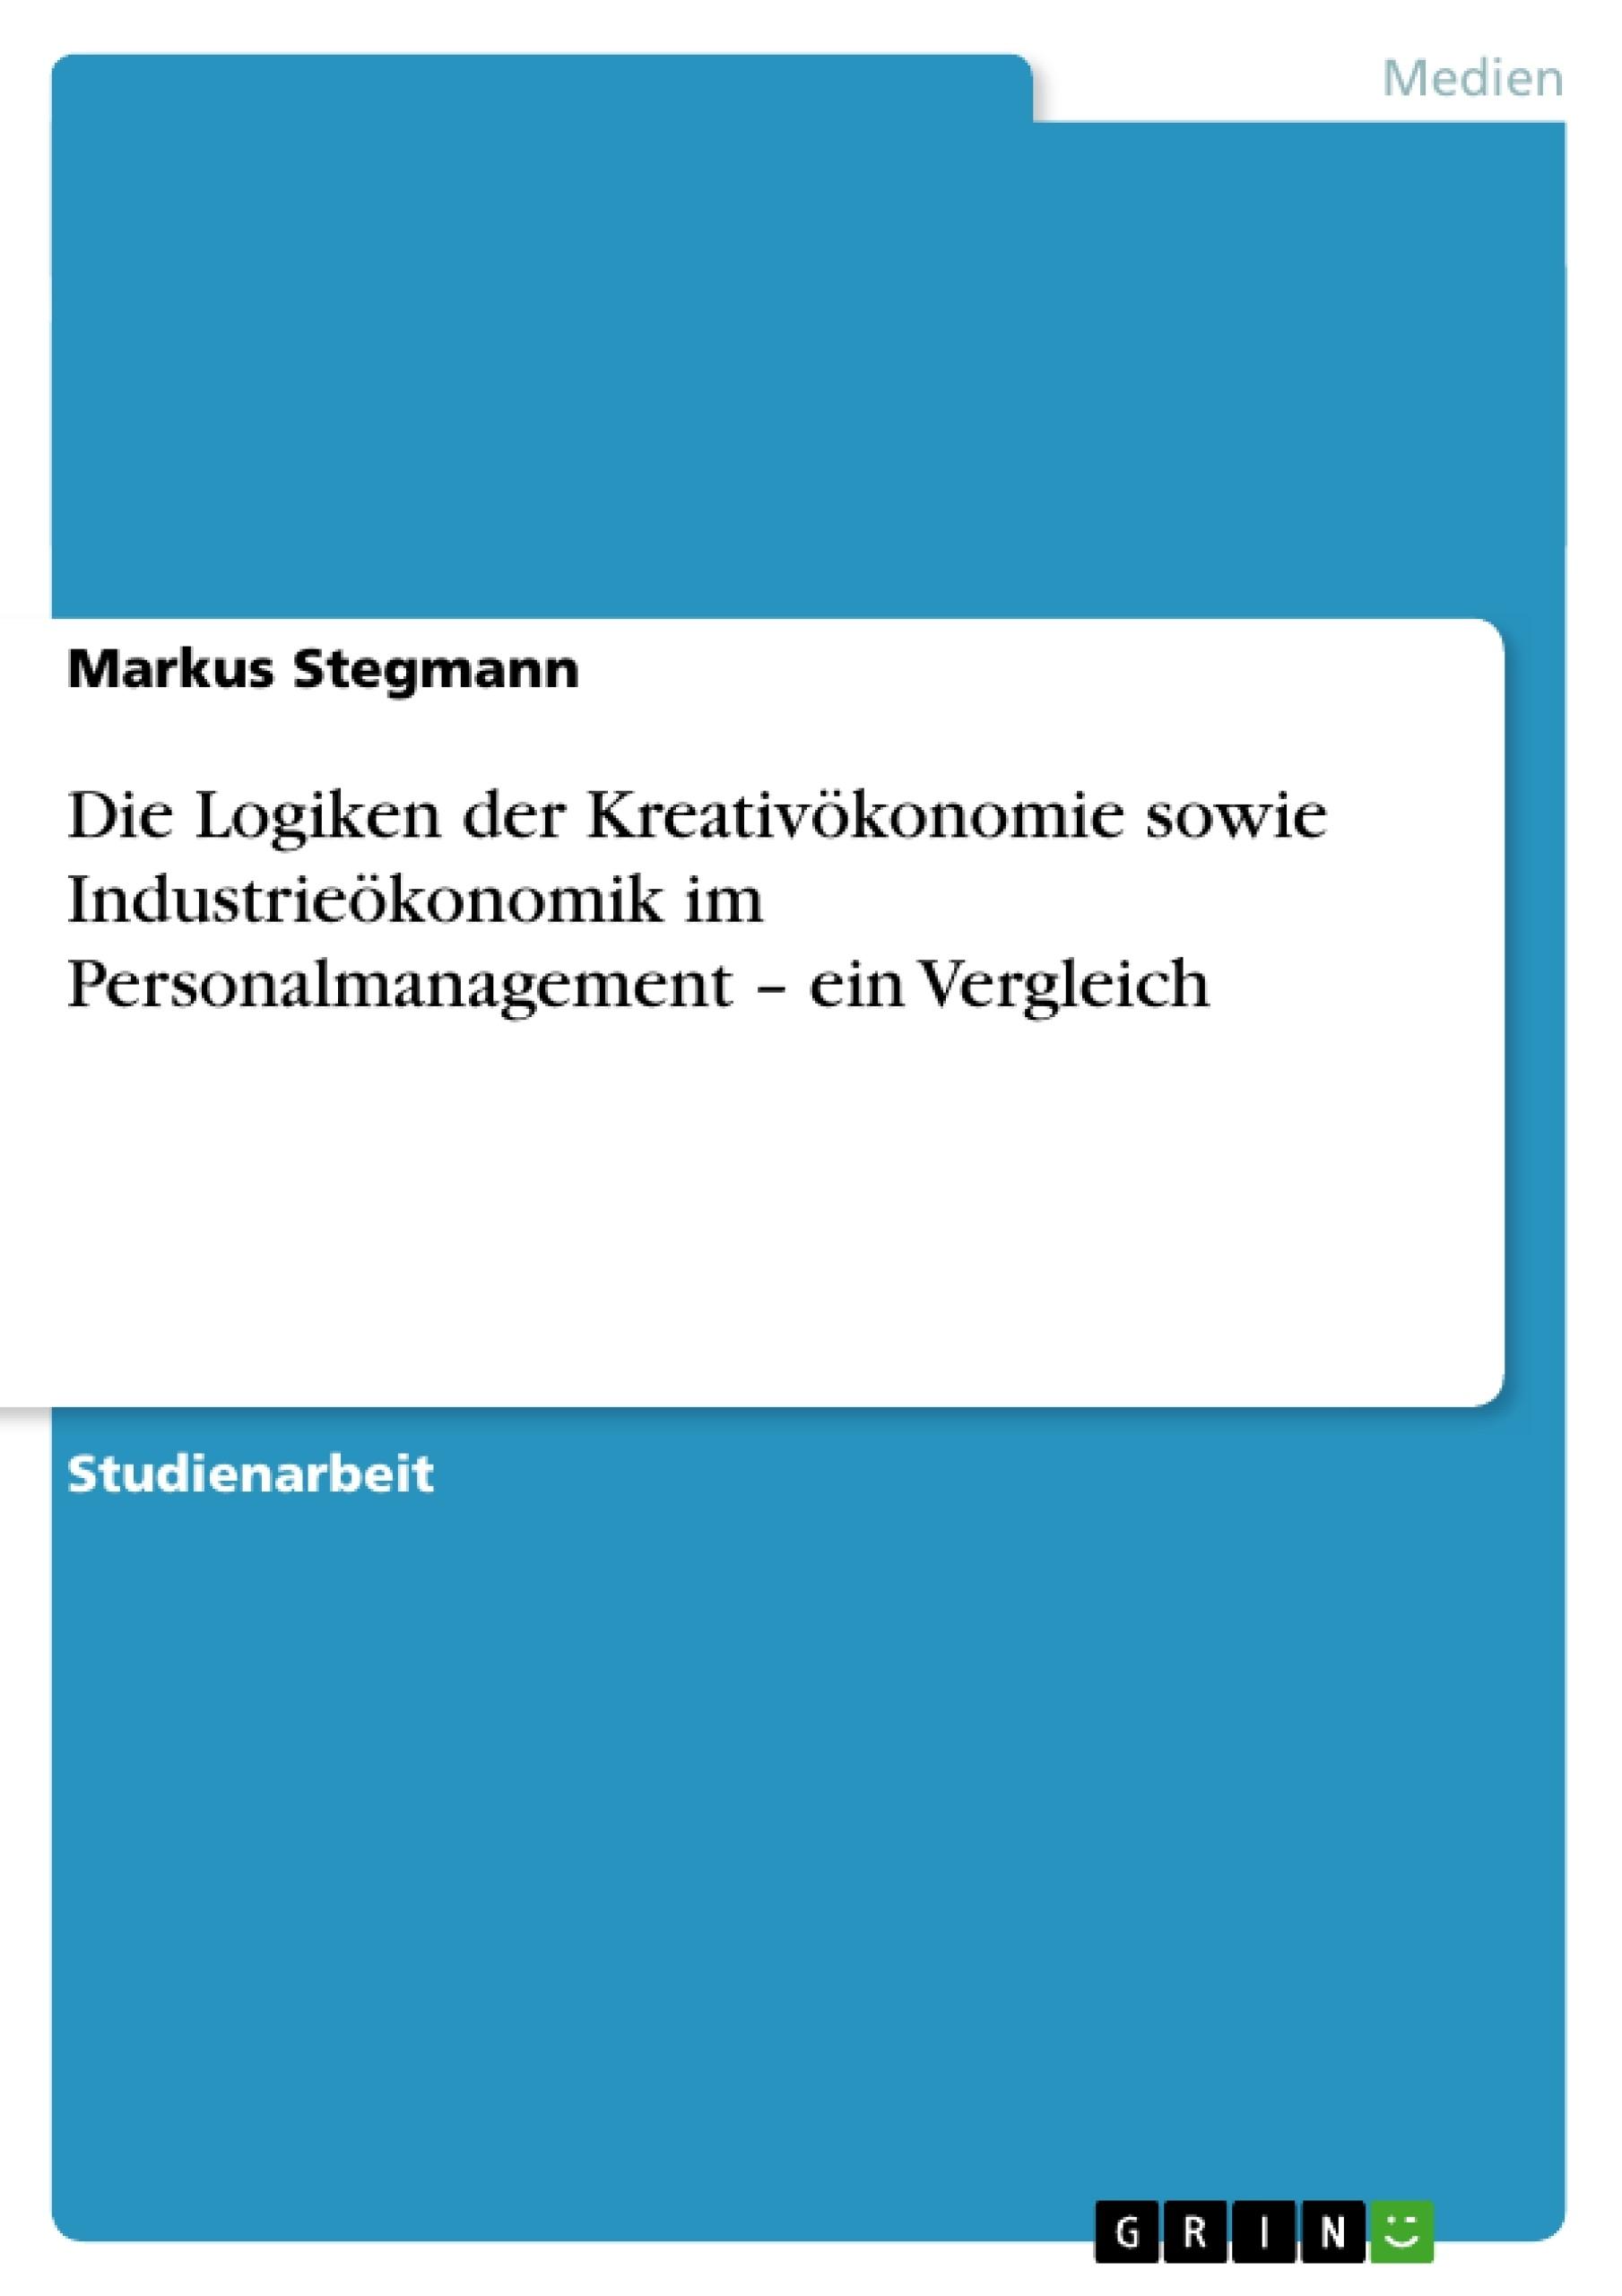 Titel: Die Logiken der Kreativökonomie sowie Industrieökonomik im Personalmanagement – ein Vergleich